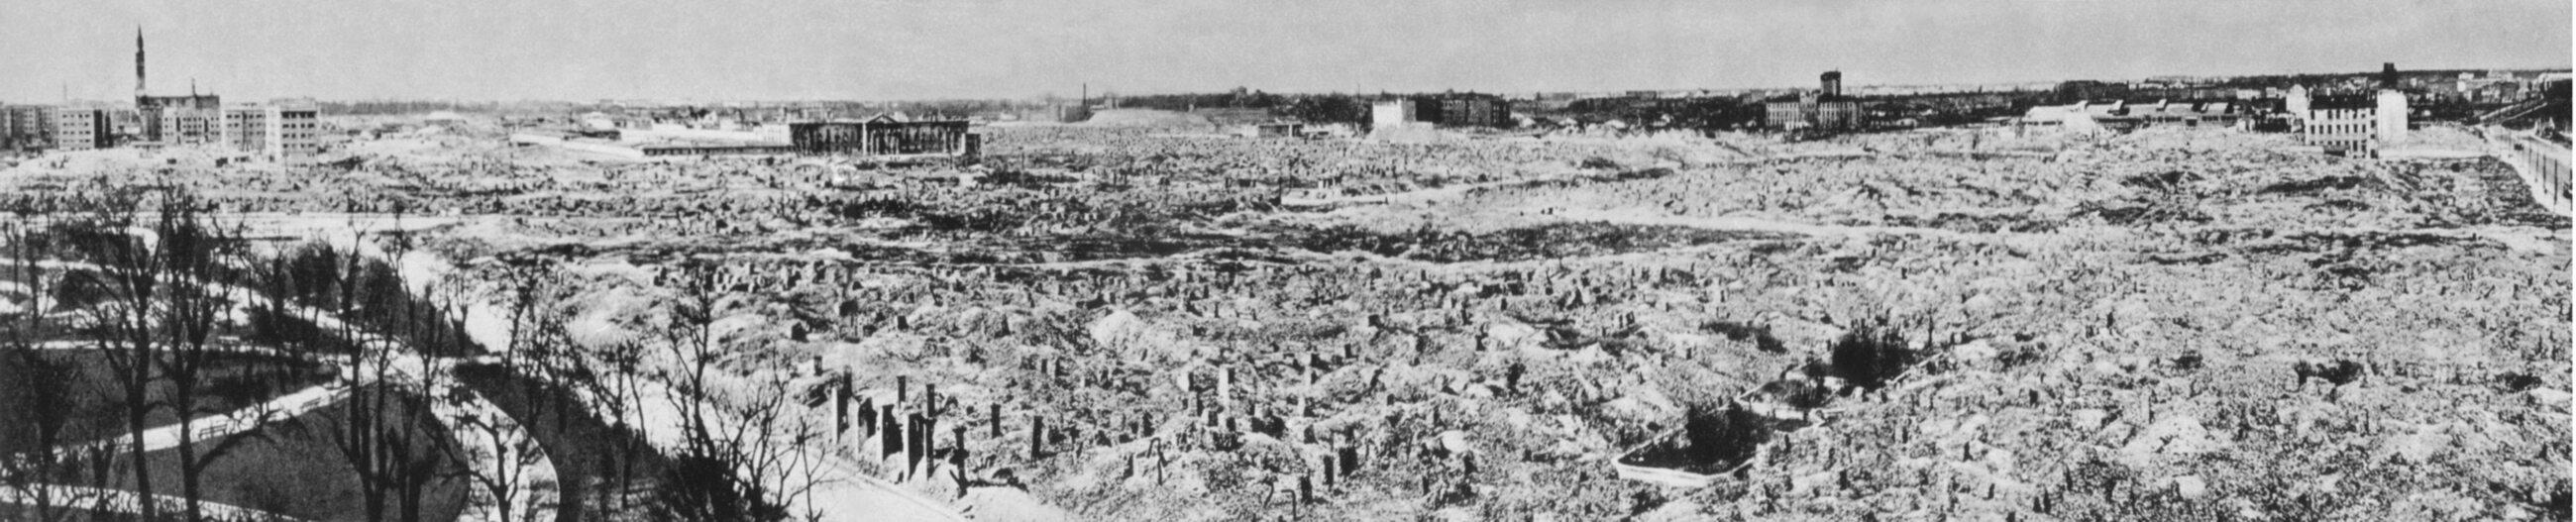 Teren getta warszawskiego po wojnie.